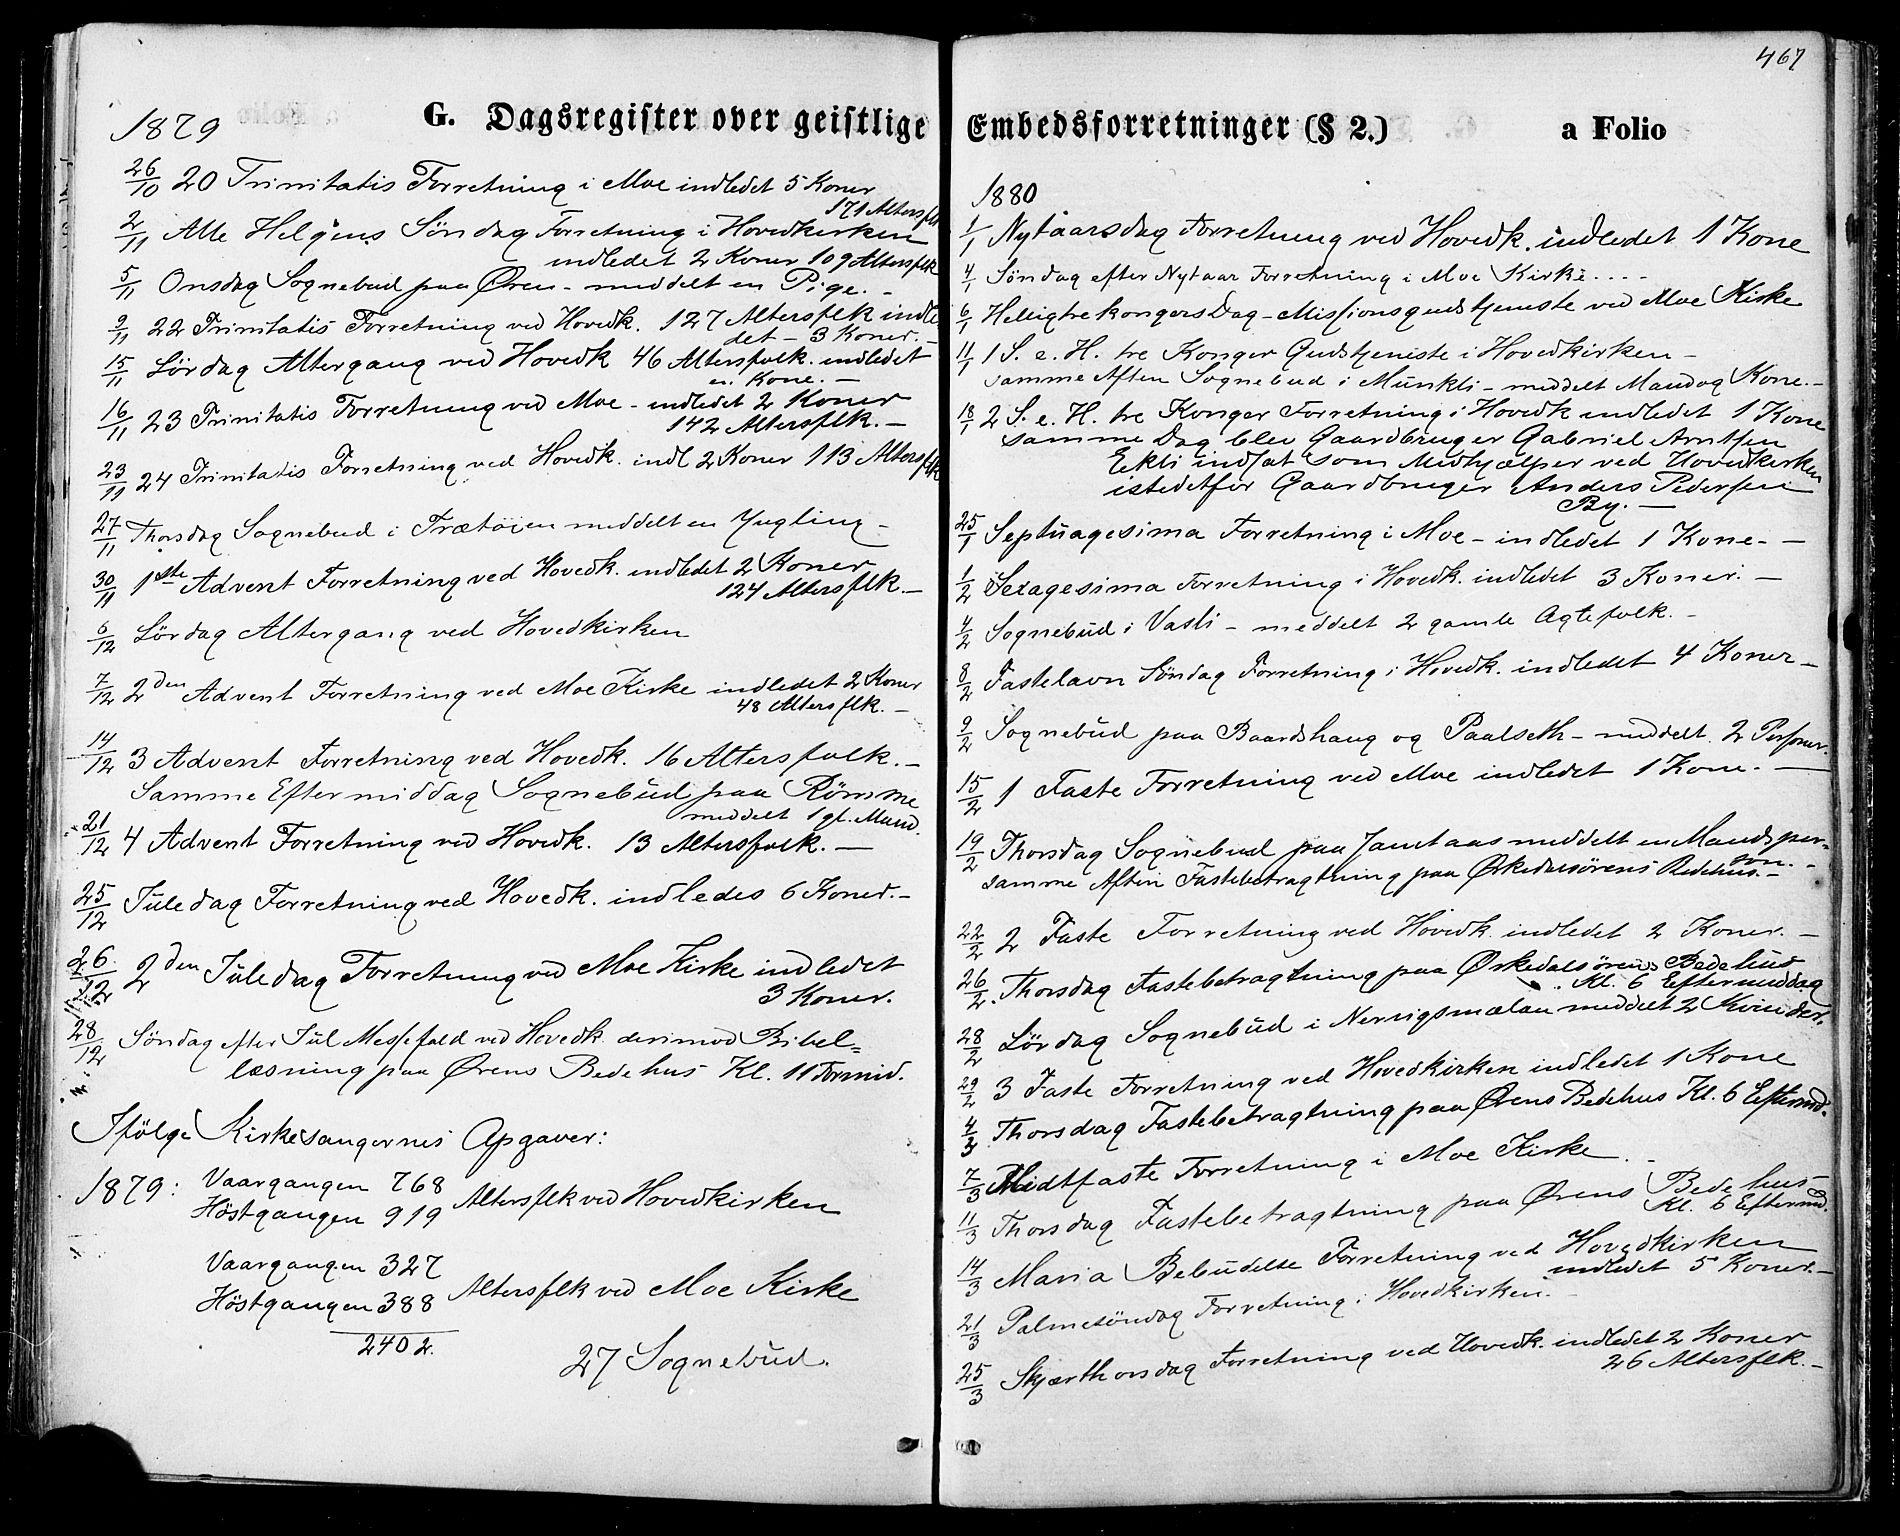 SAT, Ministerialprotokoller, klokkerbøker og fødselsregistre - Sør-Trøndelag, 668/L0807: Ministerialbok nr. 668A07, 1870-1880, s. 467